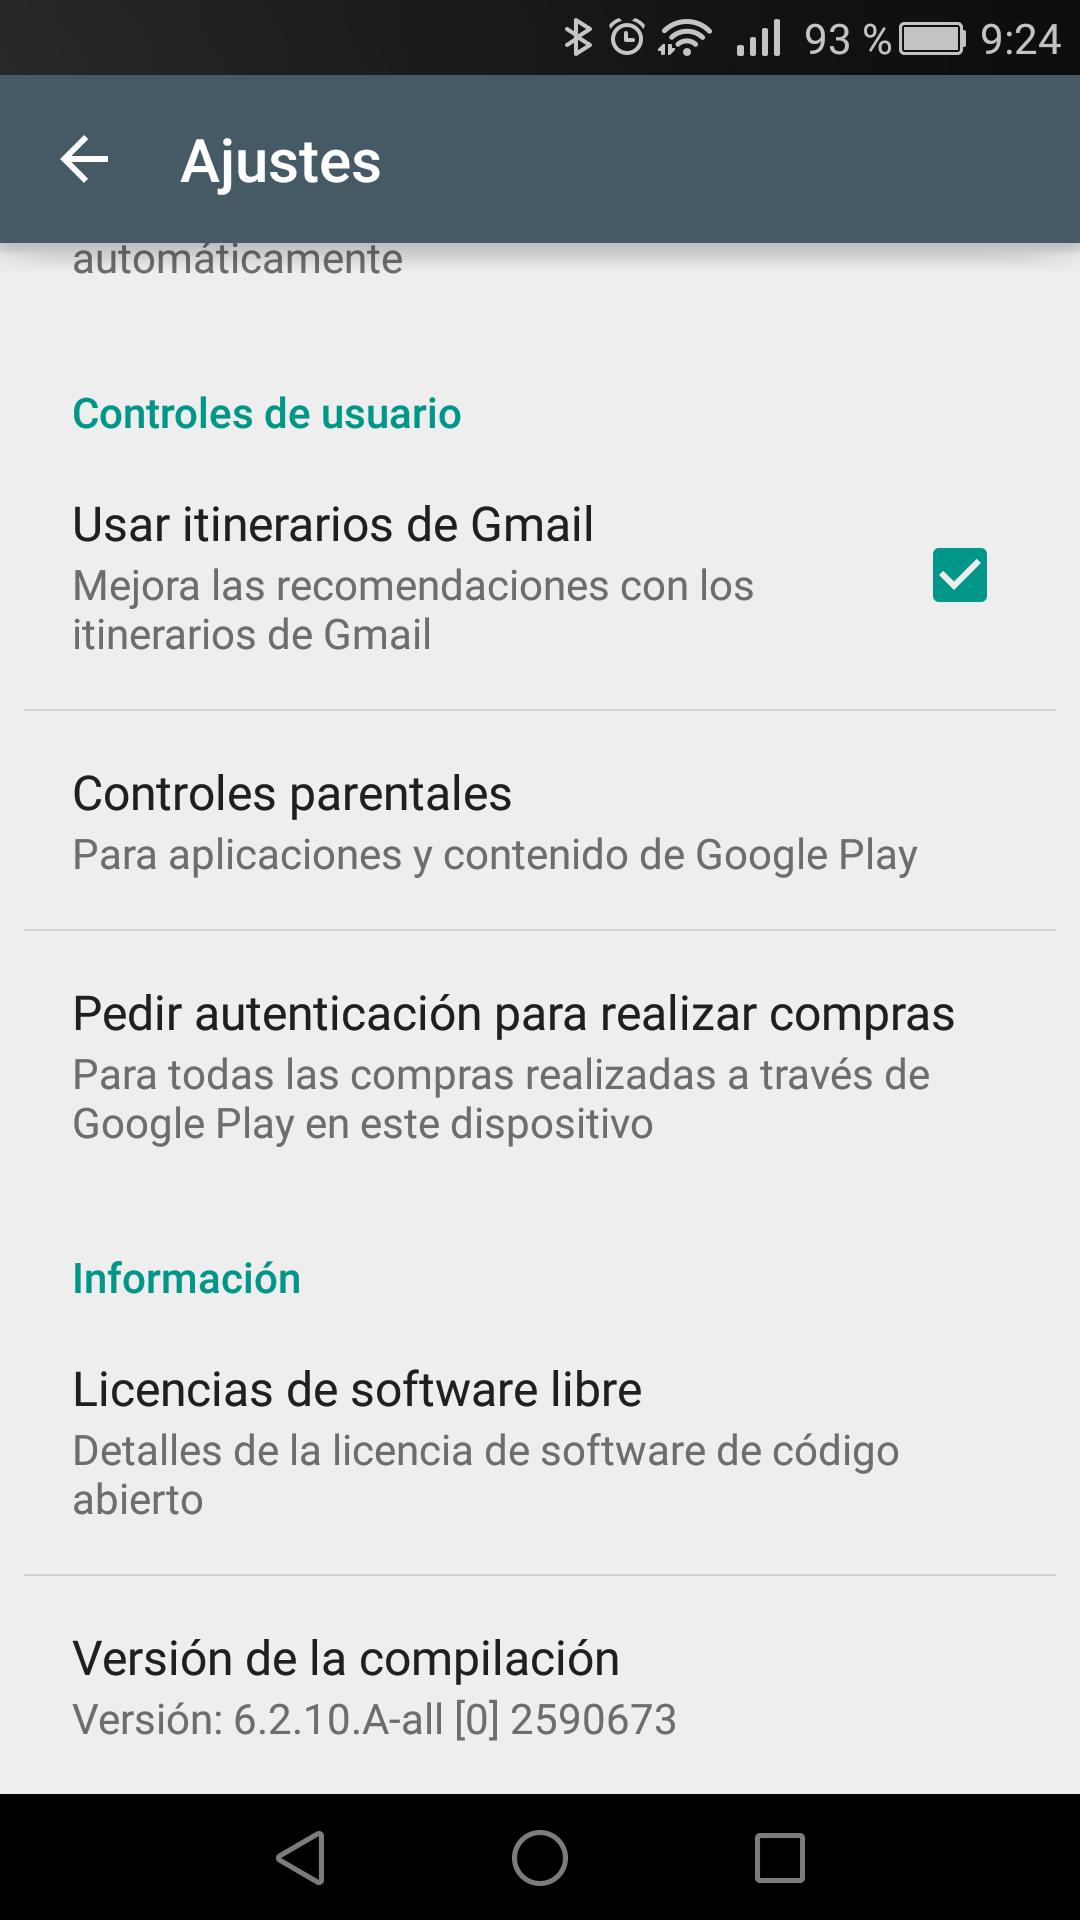 Nueva integración de Gmail en Play Store